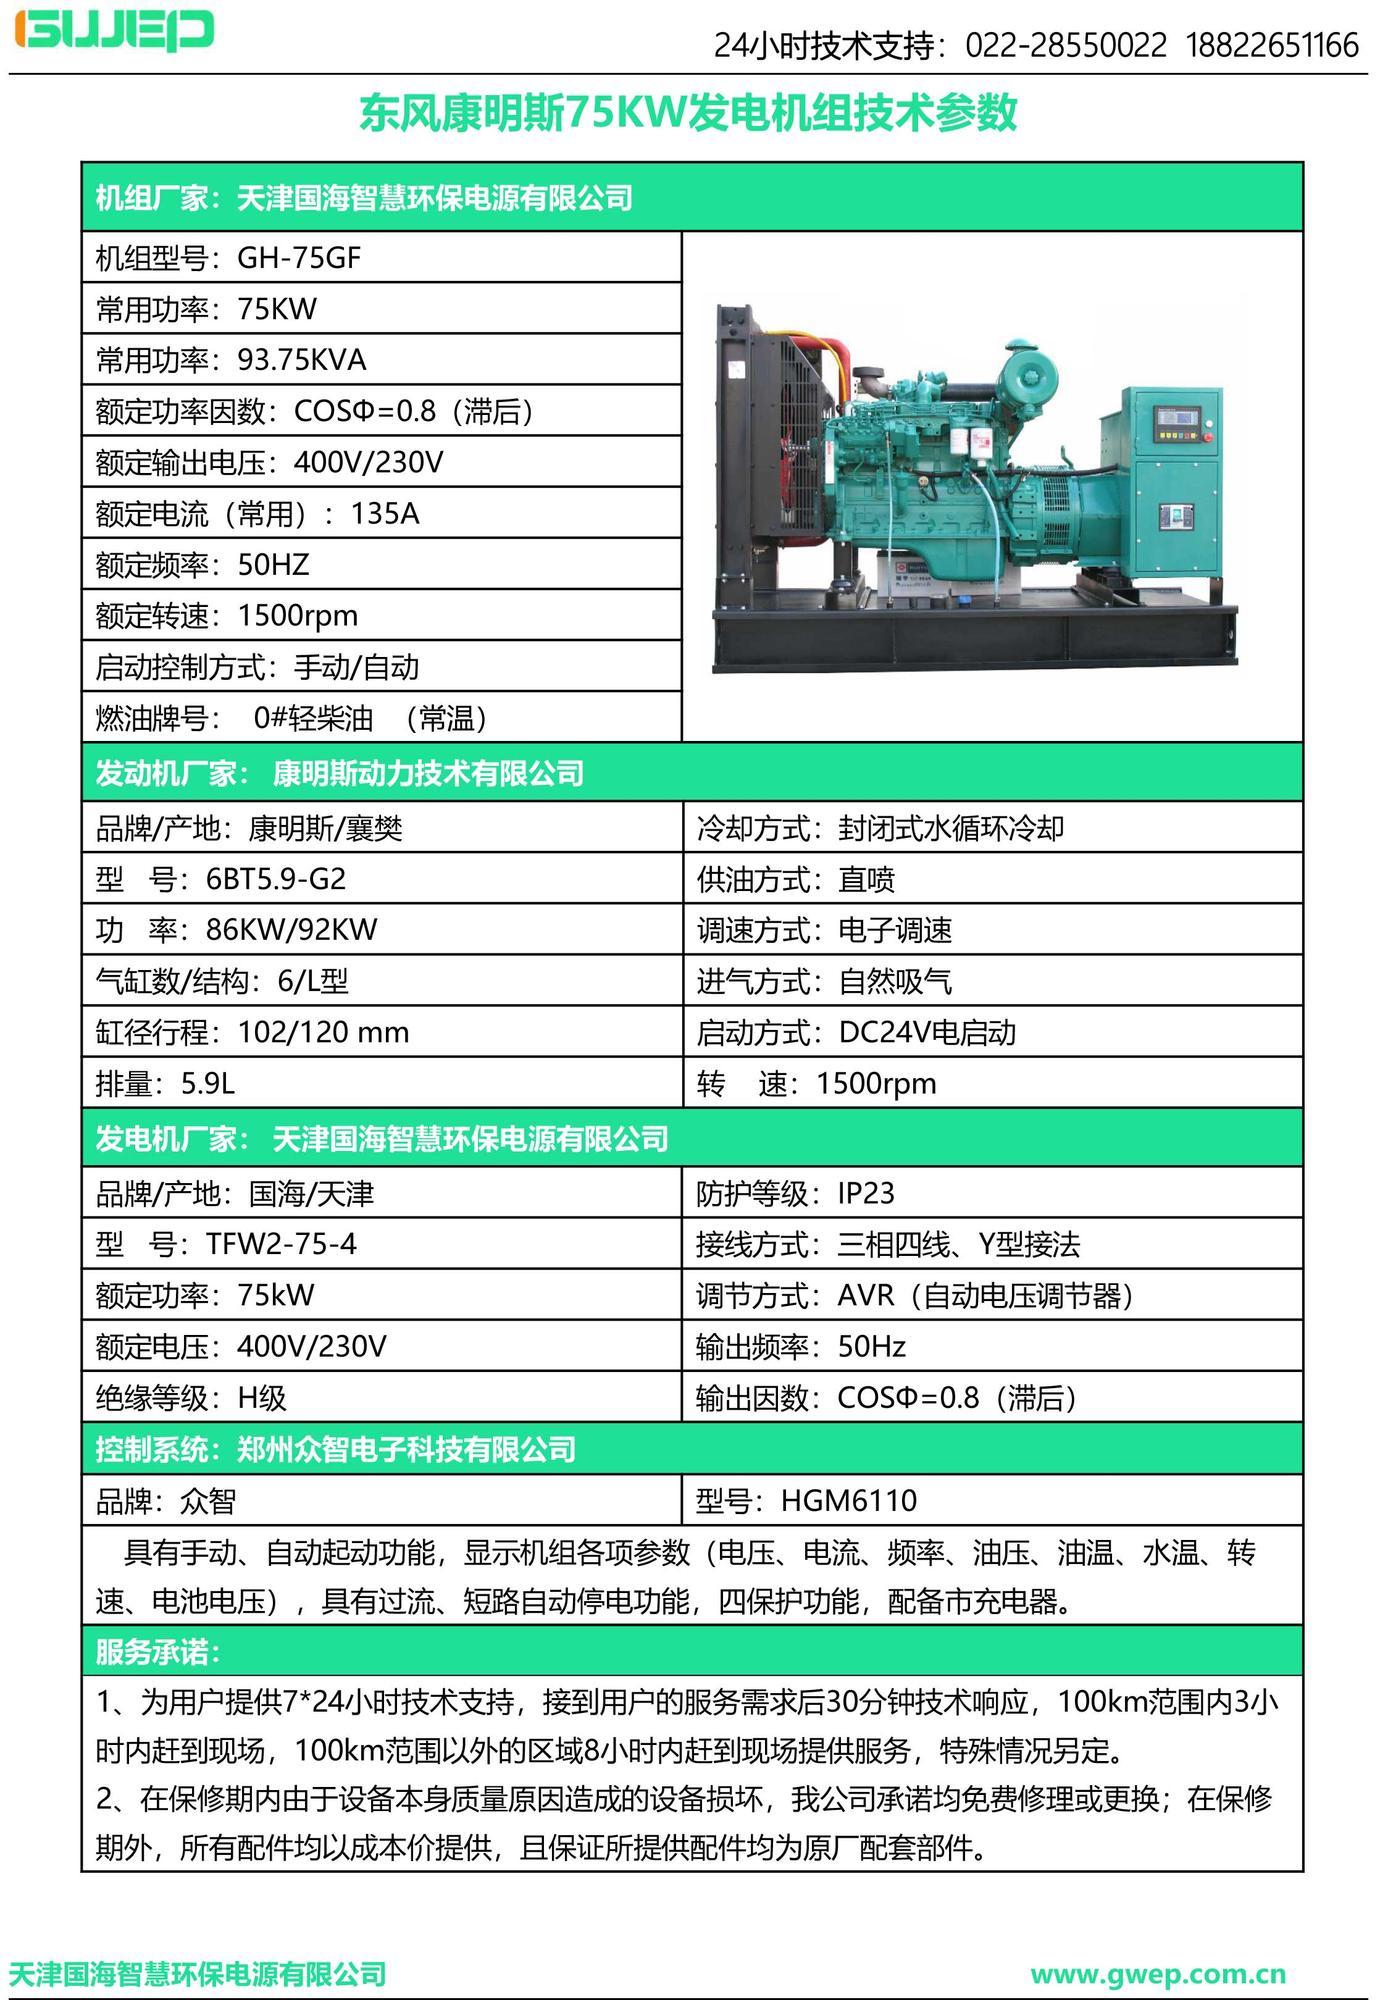 康明斯75KW发电机组技术资料-2.jpg